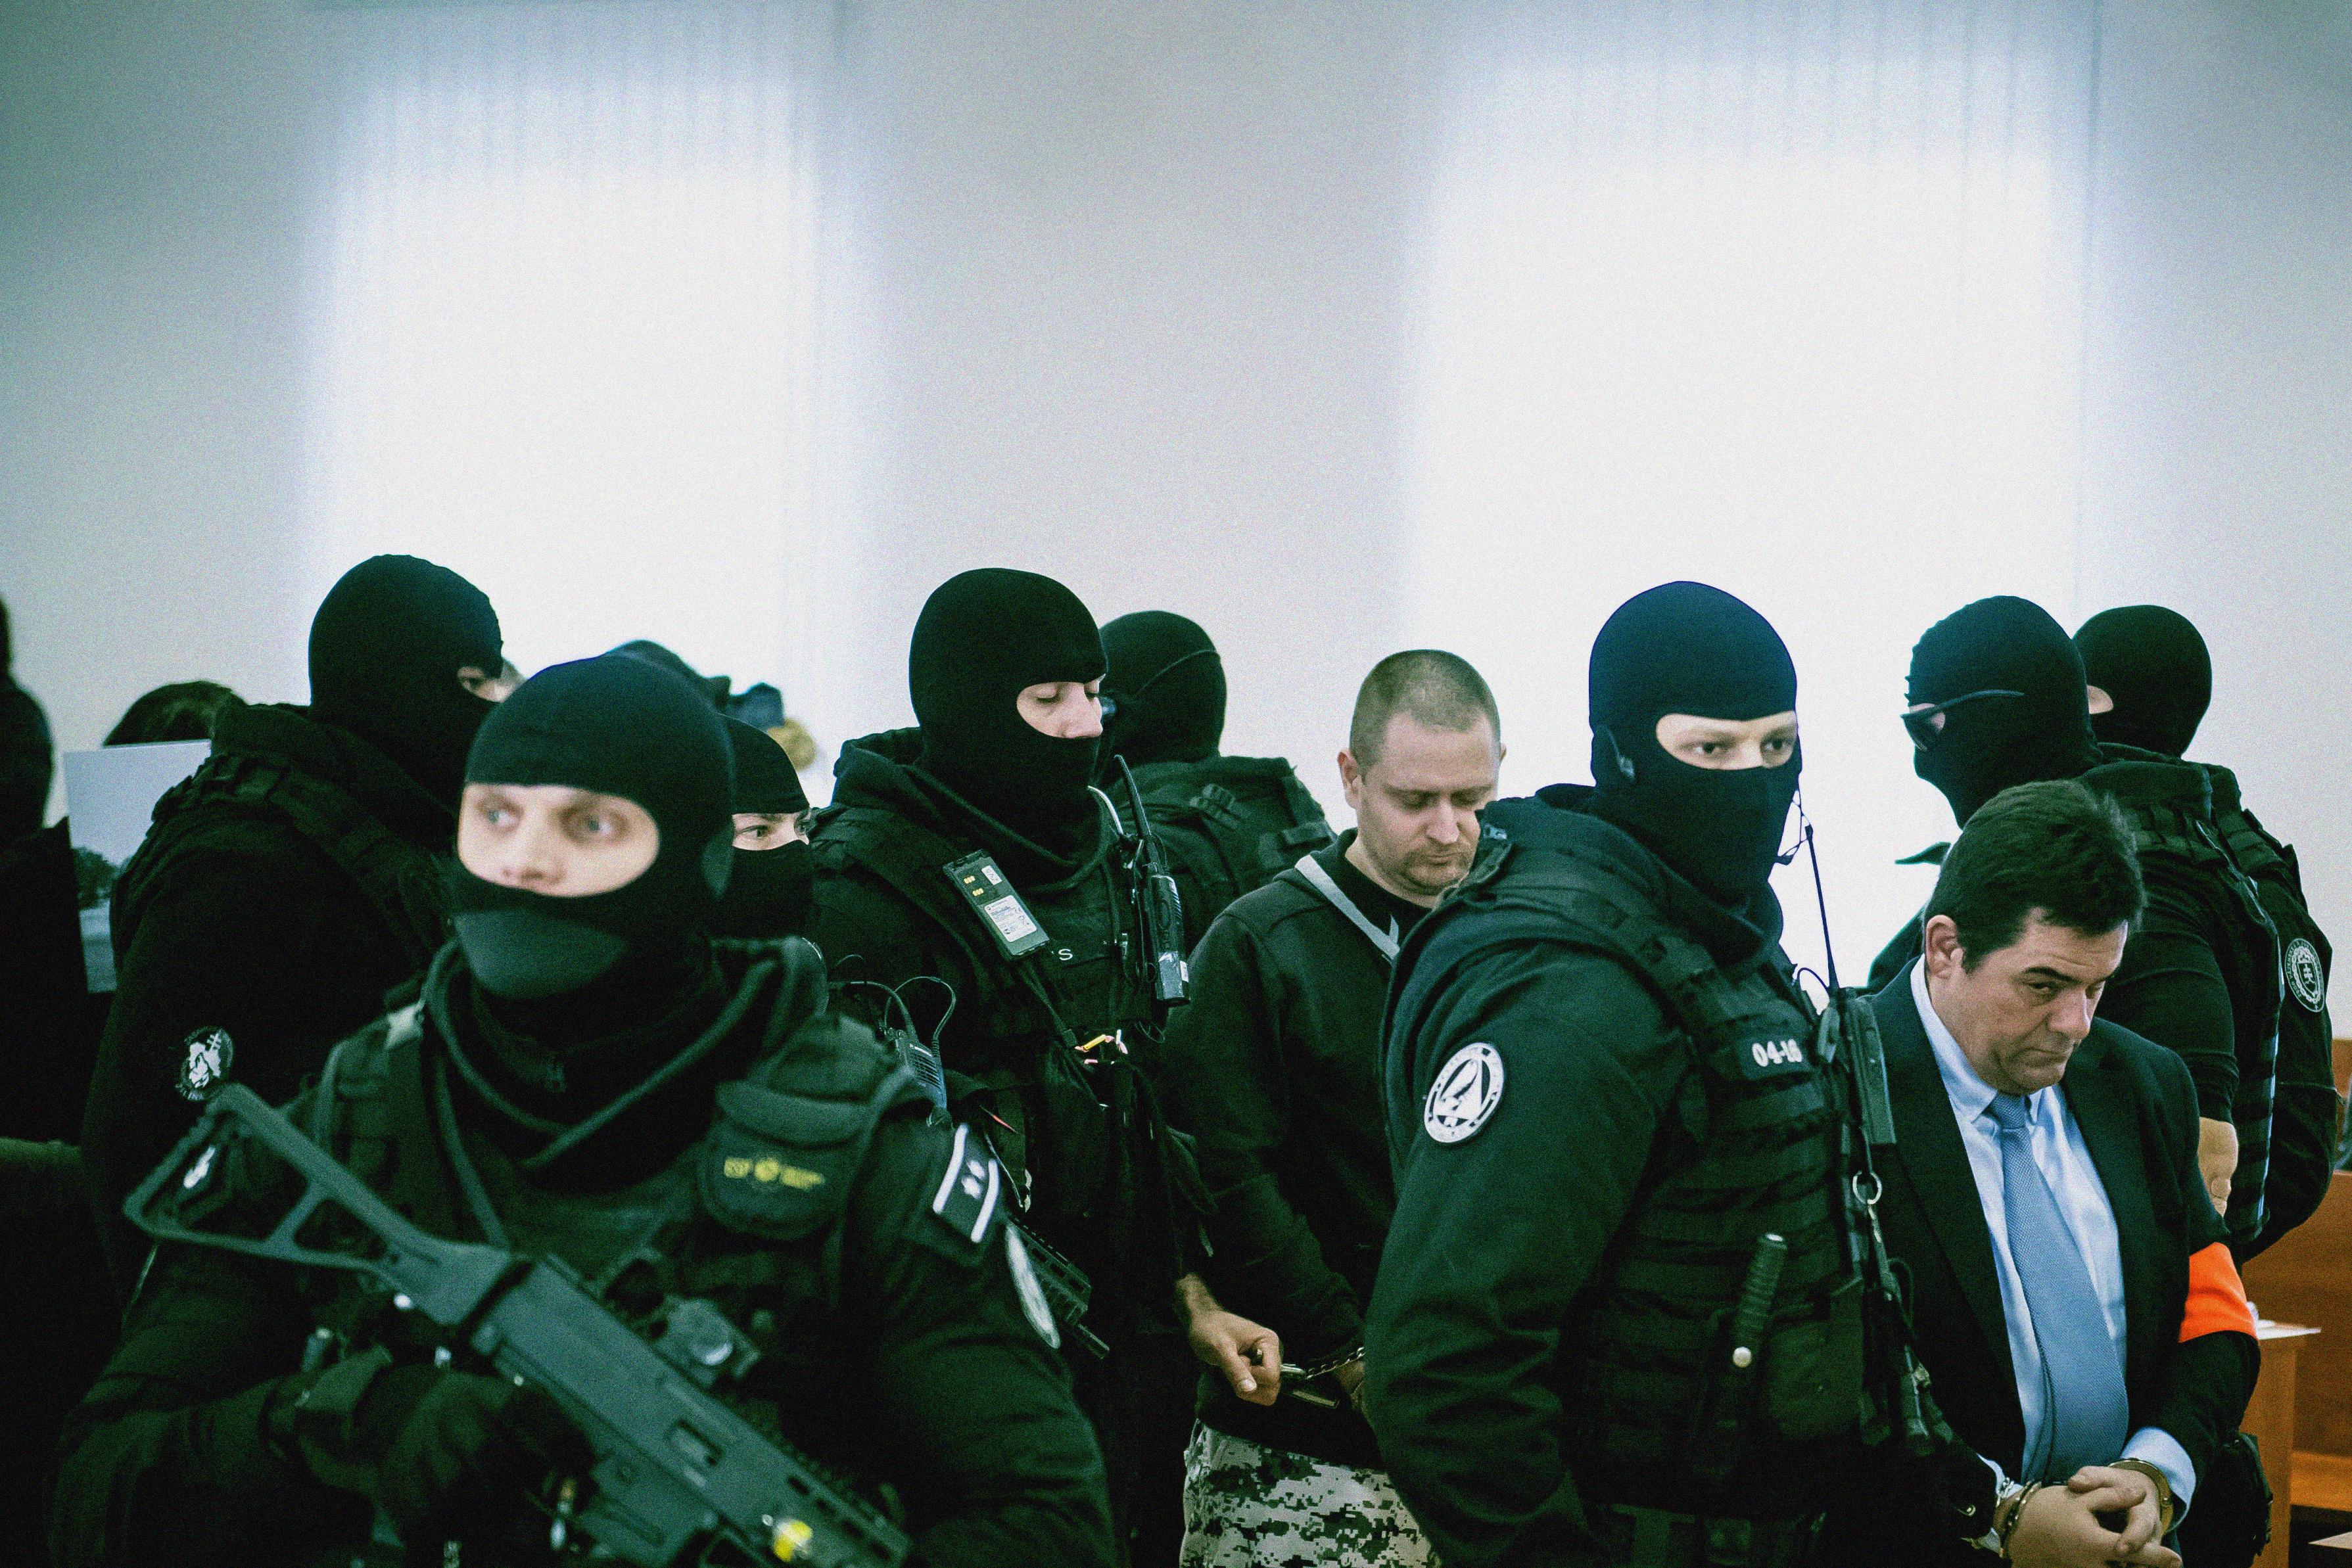 Meghalt Milan Lucansky korábbi szlovák országos rendőrfőkapitány